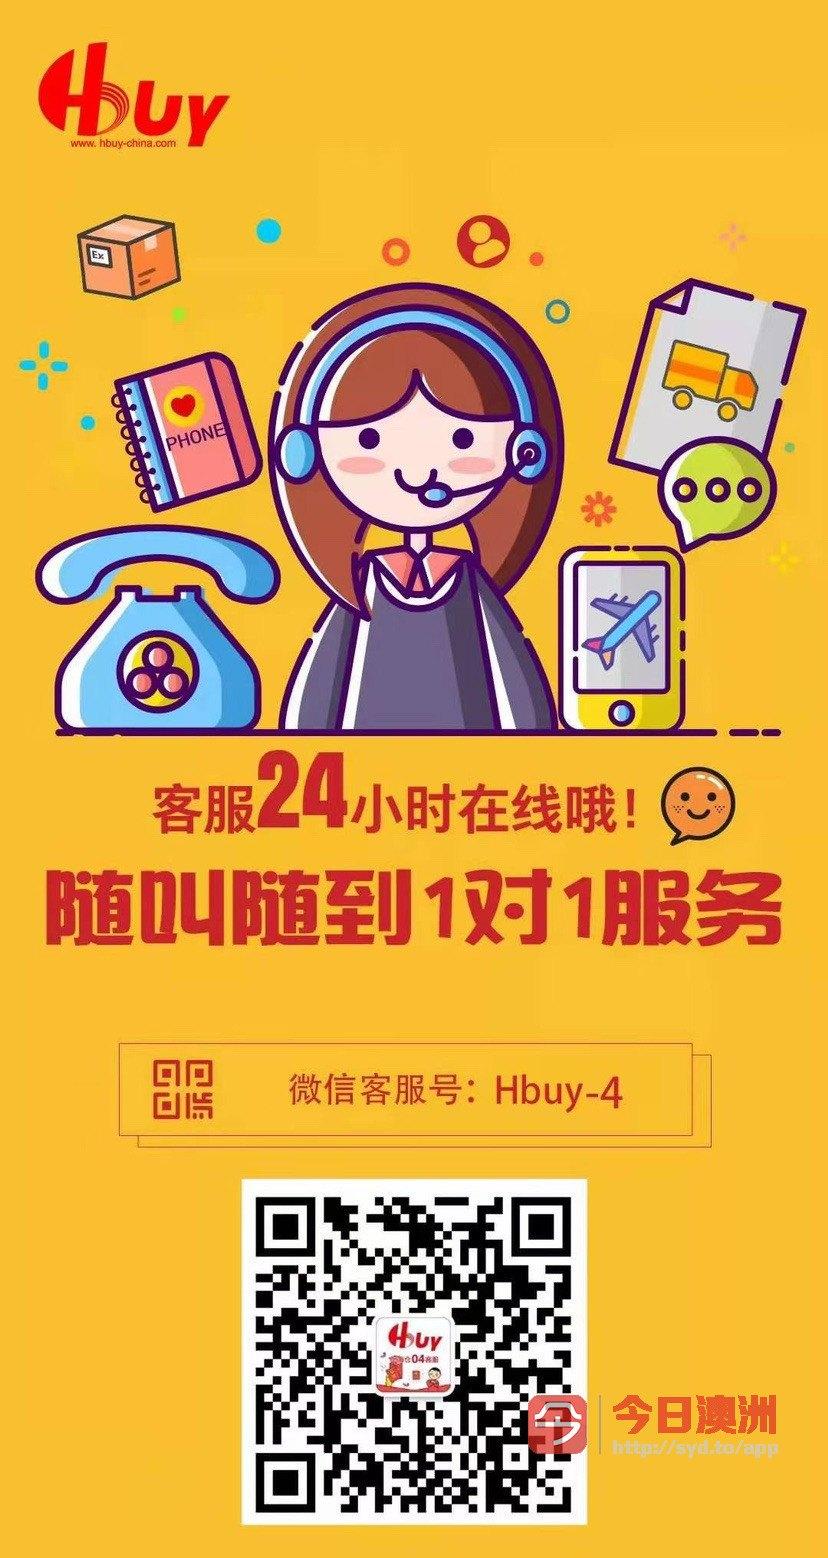 华人Hbuy服务海外华人的国际转运平台